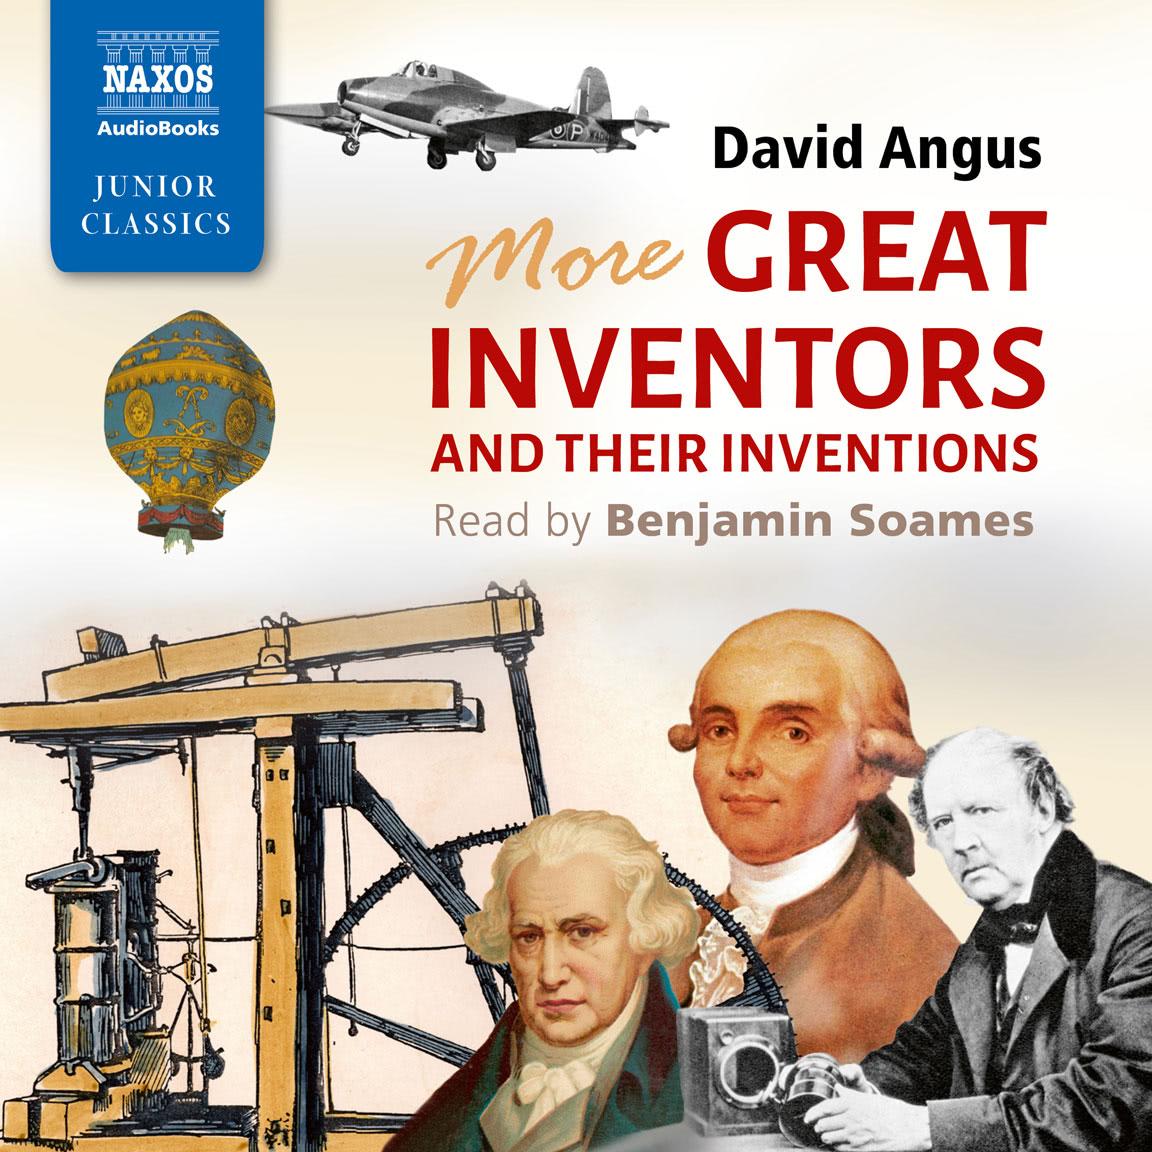 More Great Inventors (unabridged)